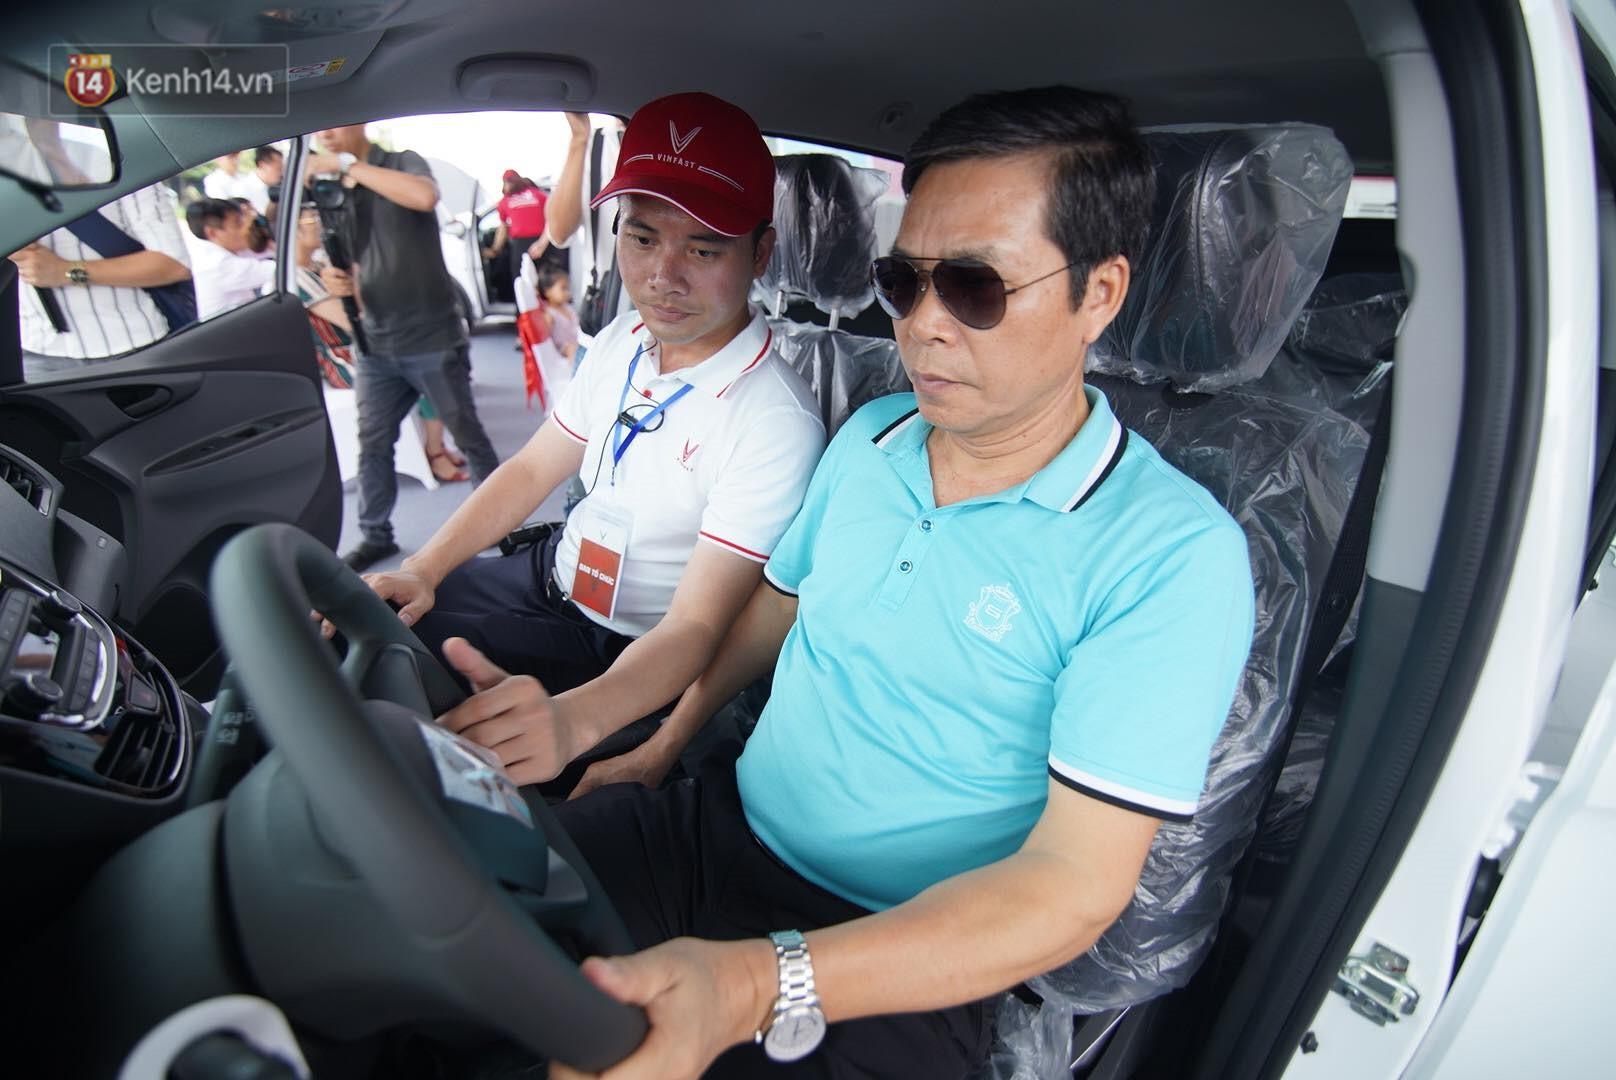 VinFast bàn giao hàng trăm xe ô tô Fadil, khách hàng tự hào: Người Việt dùng hàng Việt! - Ảnh 13.